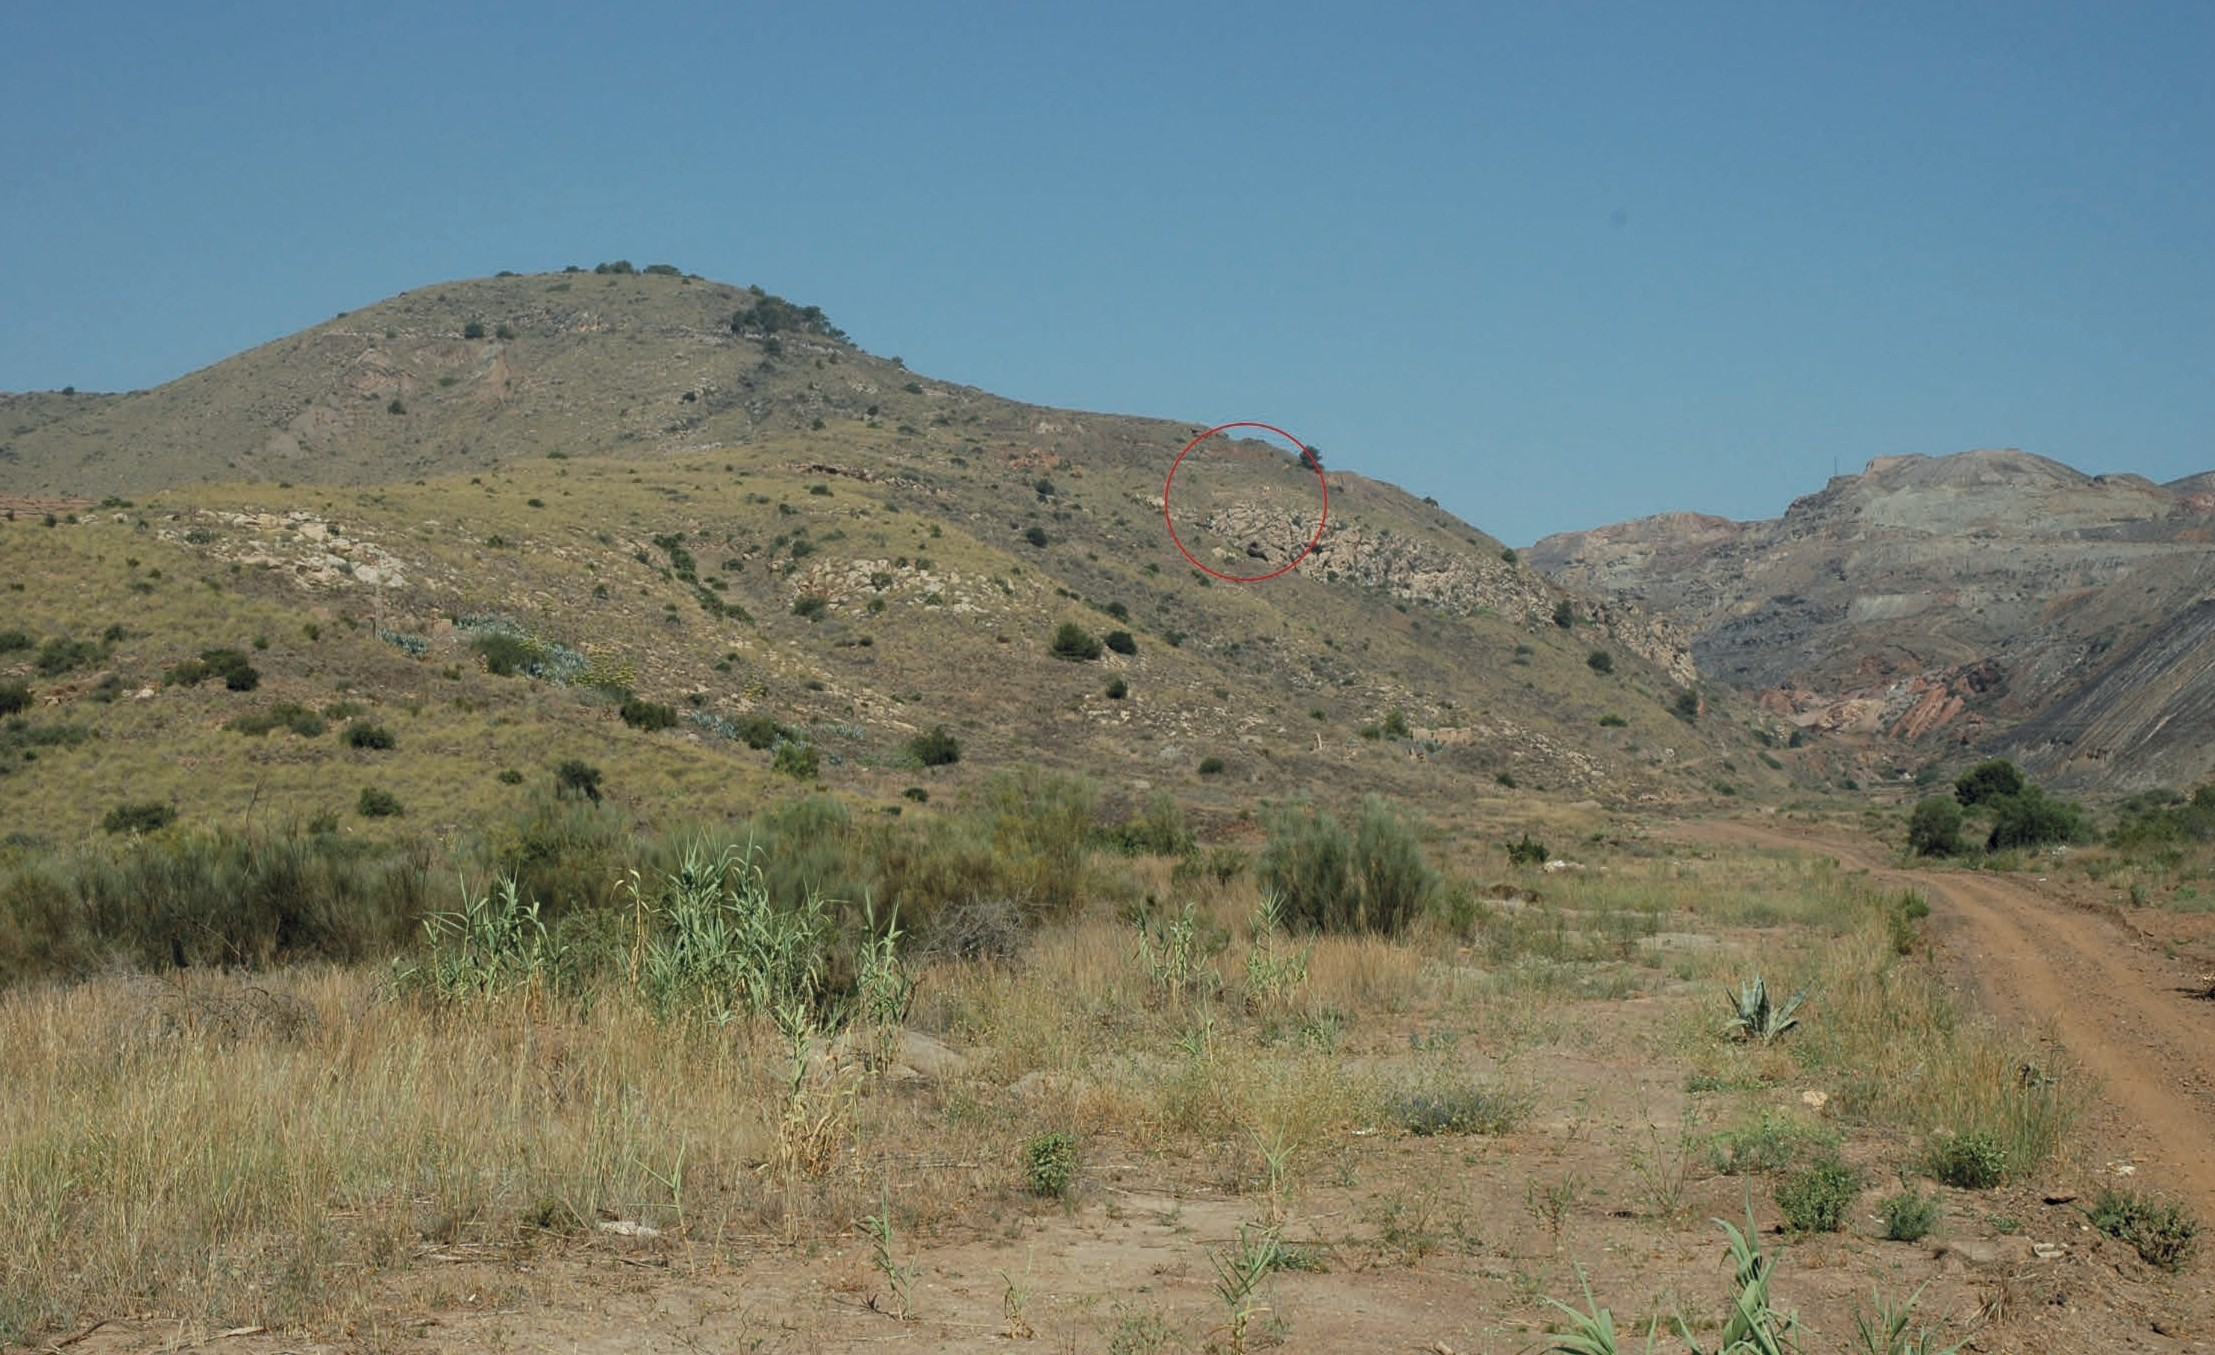 Fig. 1. Vue du versant est du cabezo, prise depuis la Rambla de la Crisoleja (Portmán). Le cercle rouge signale la situation du site archéologique.